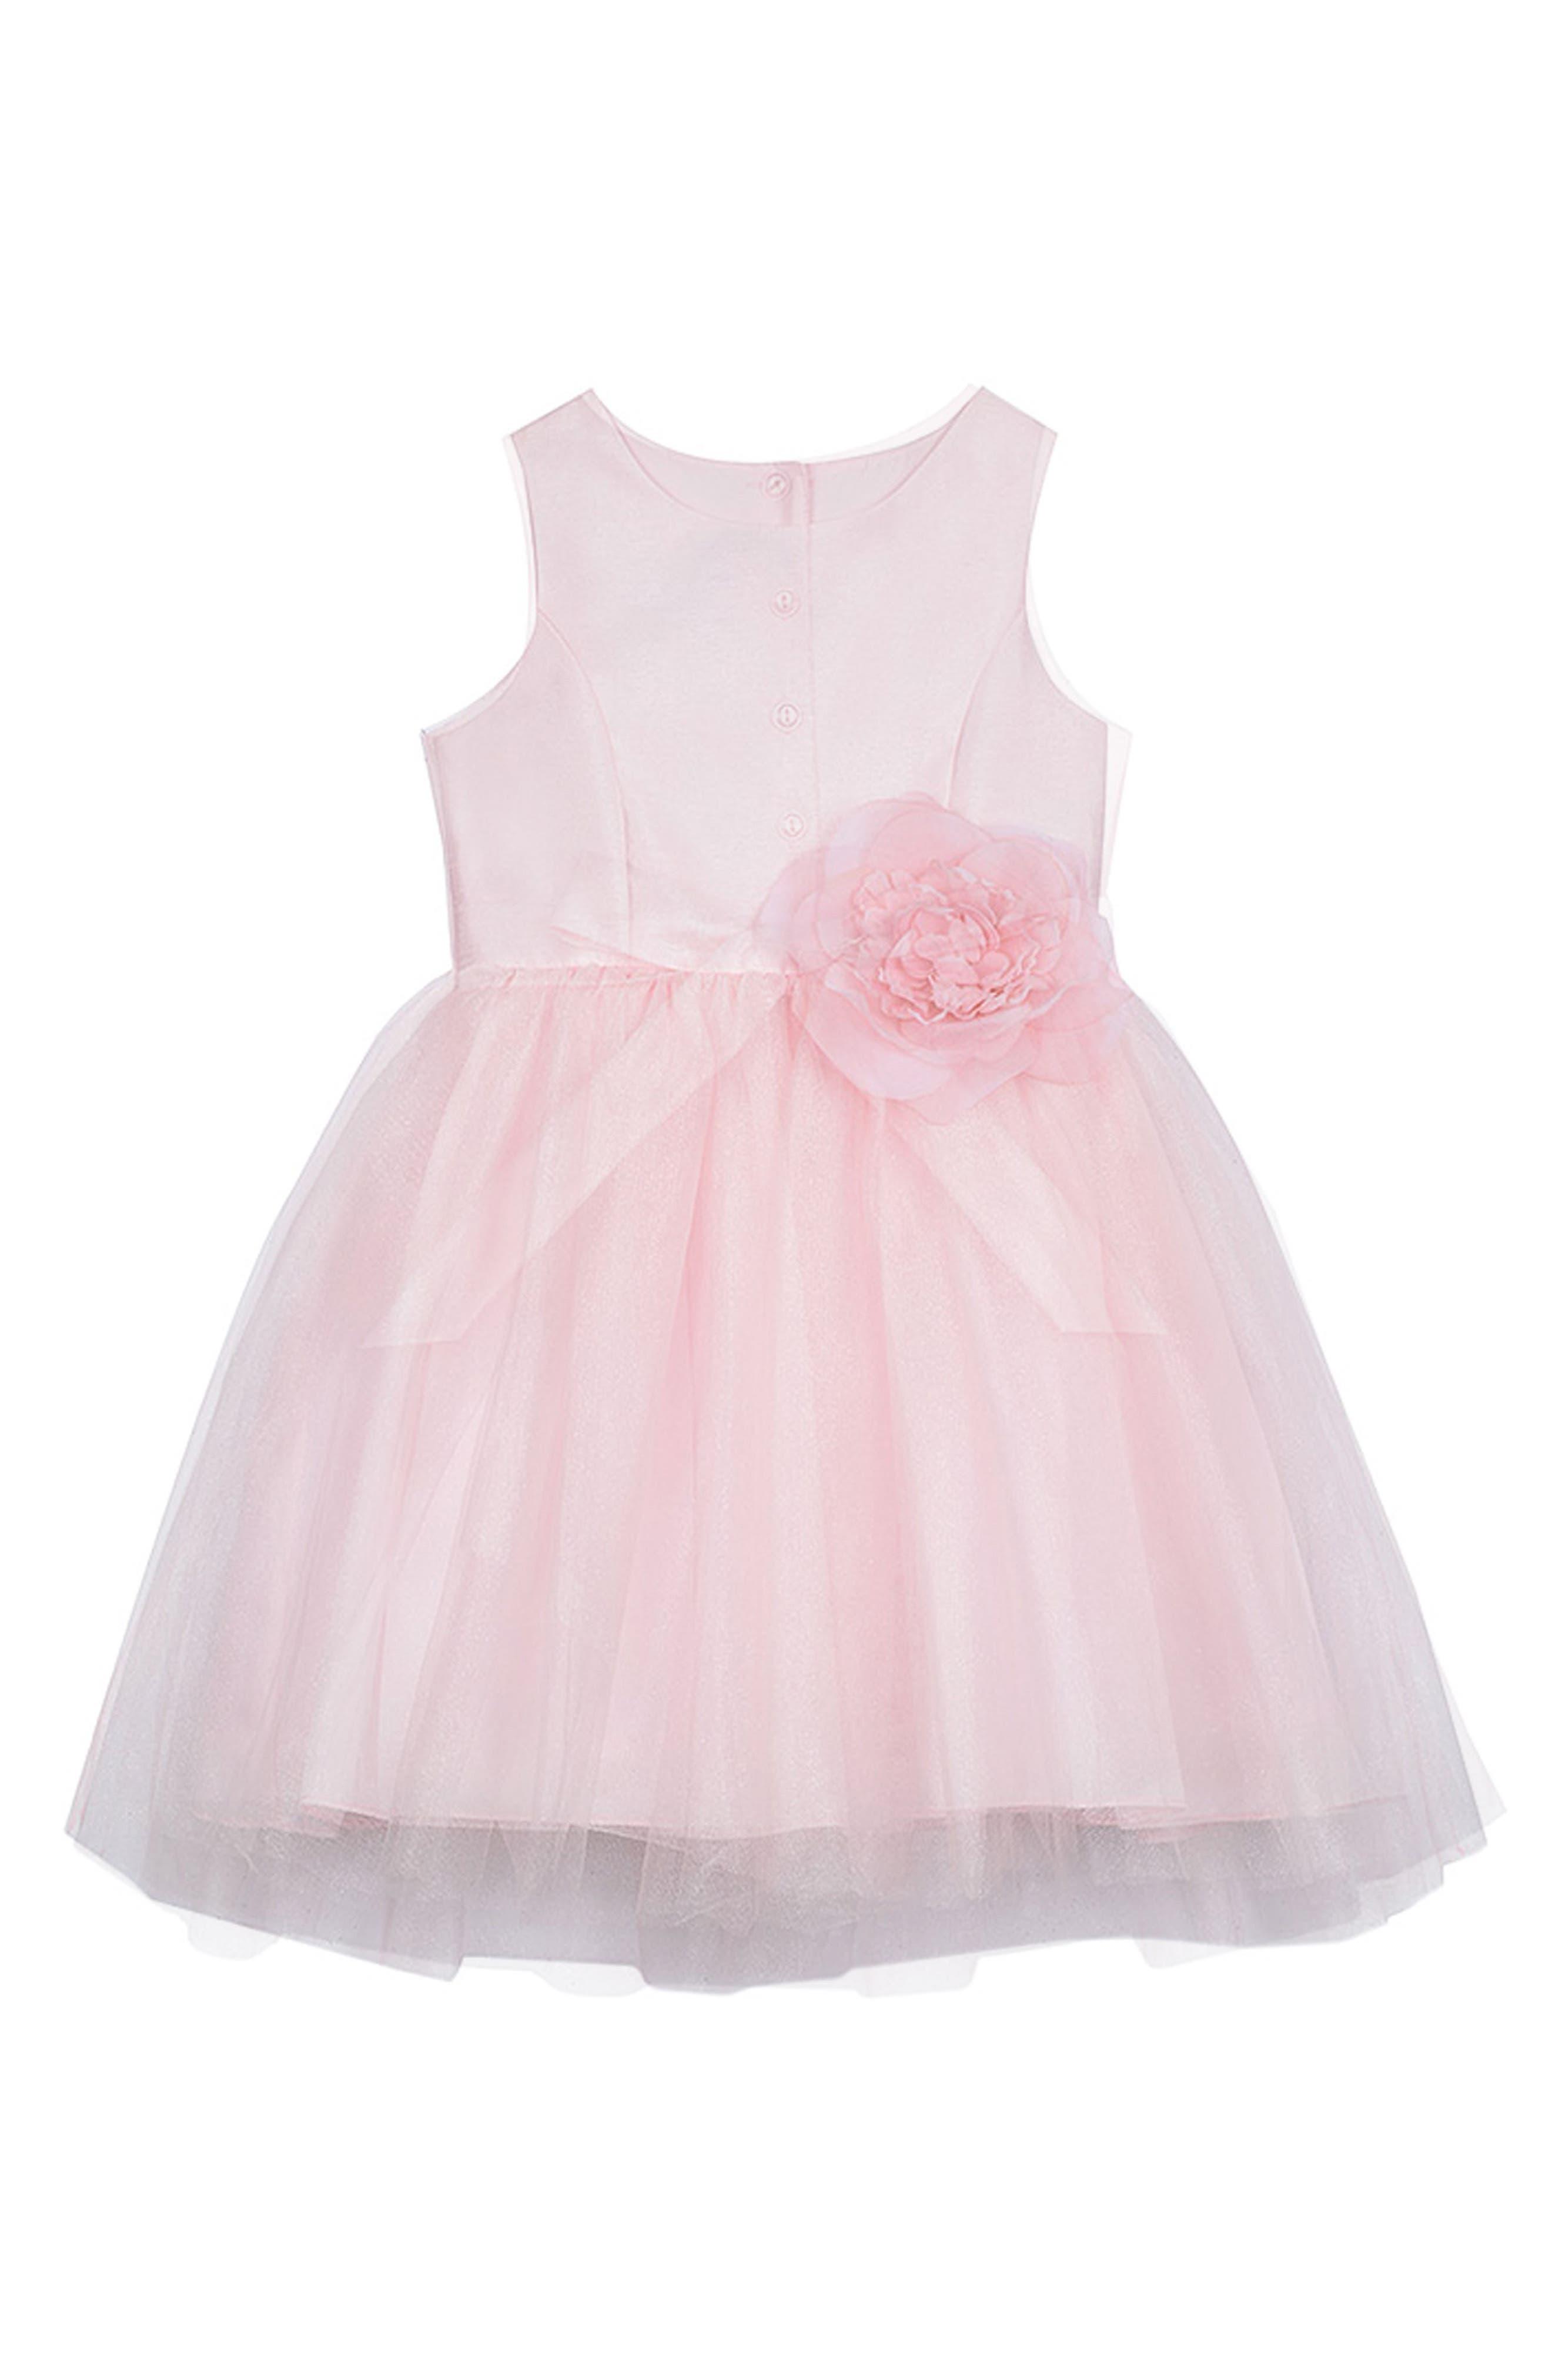 9e5bac3cd7c Infant Girl s Pippa   Julie Ballerina Dress